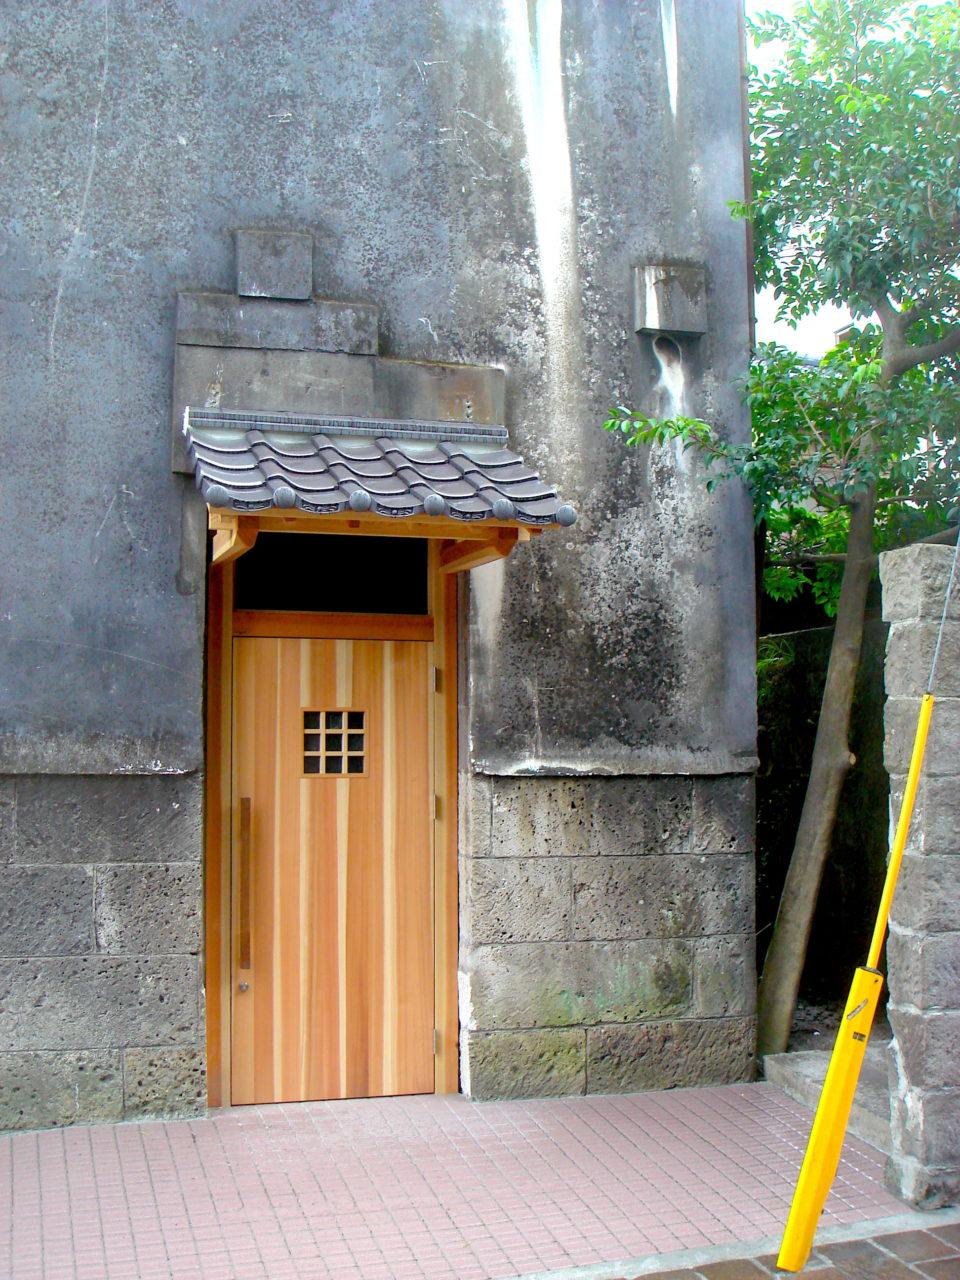 鹿児島といえば西郷さん、その近くにある石倉のドア